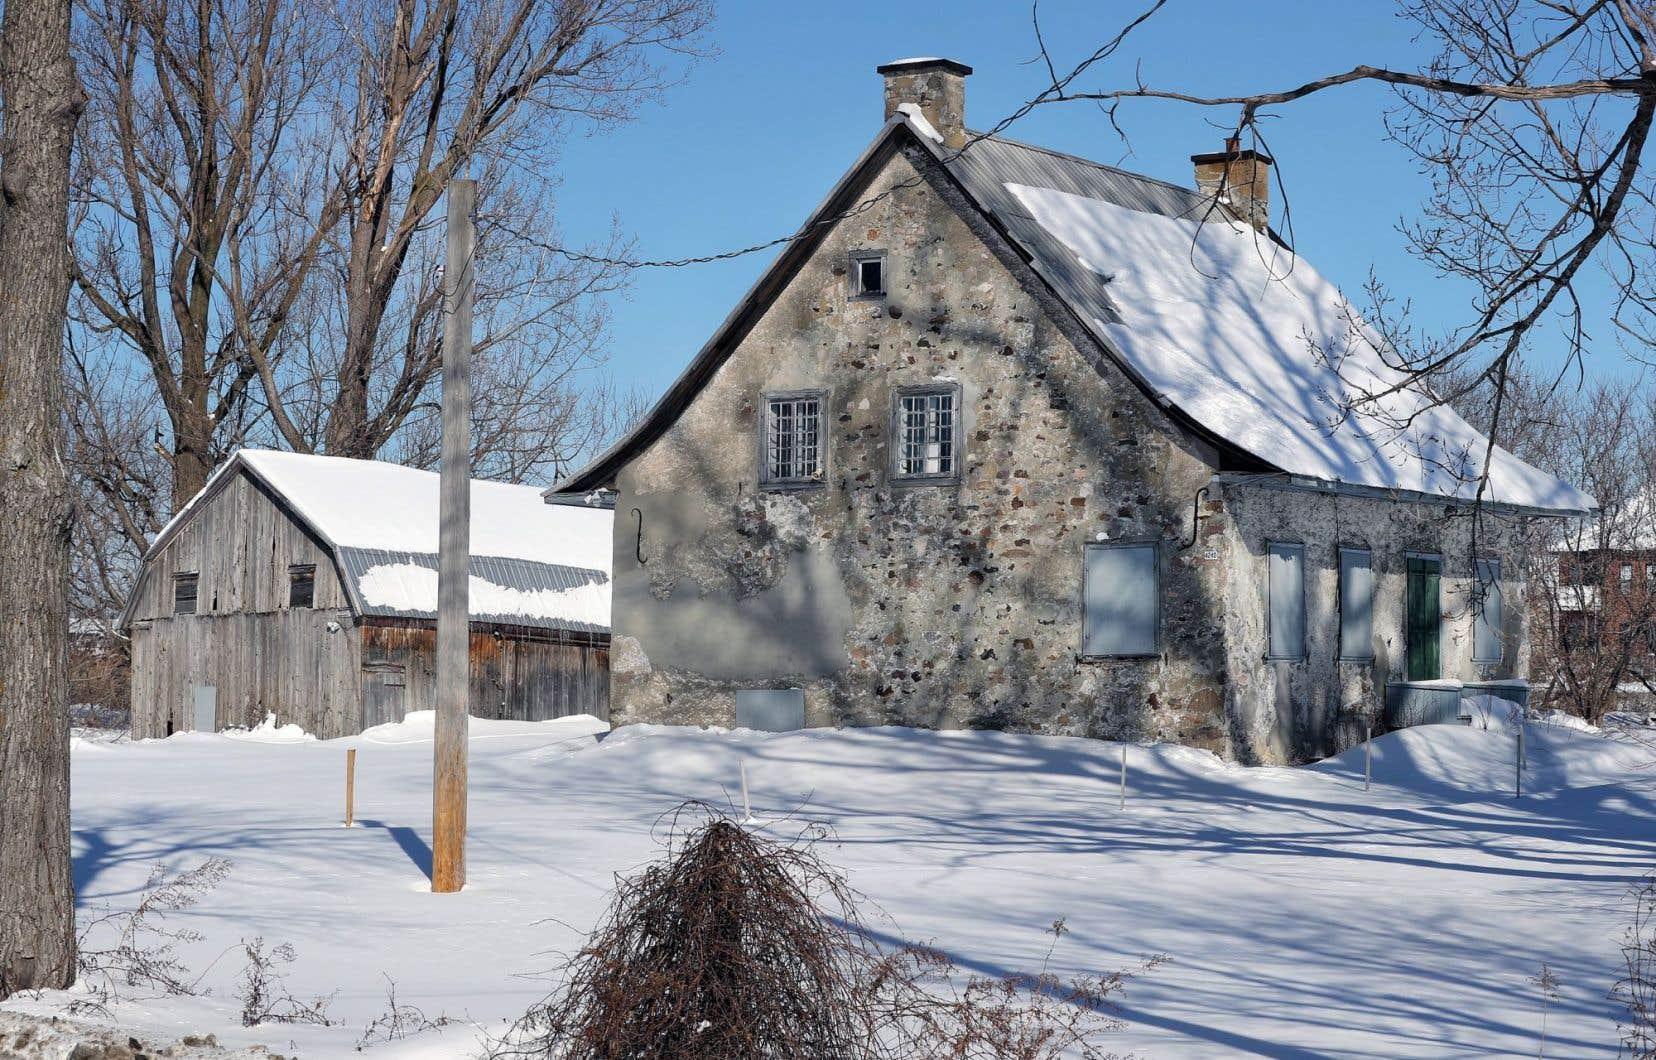 Le propriétaire de la demeure est le DrRobert Brossard, un radiologiste qui habite au Nevada.